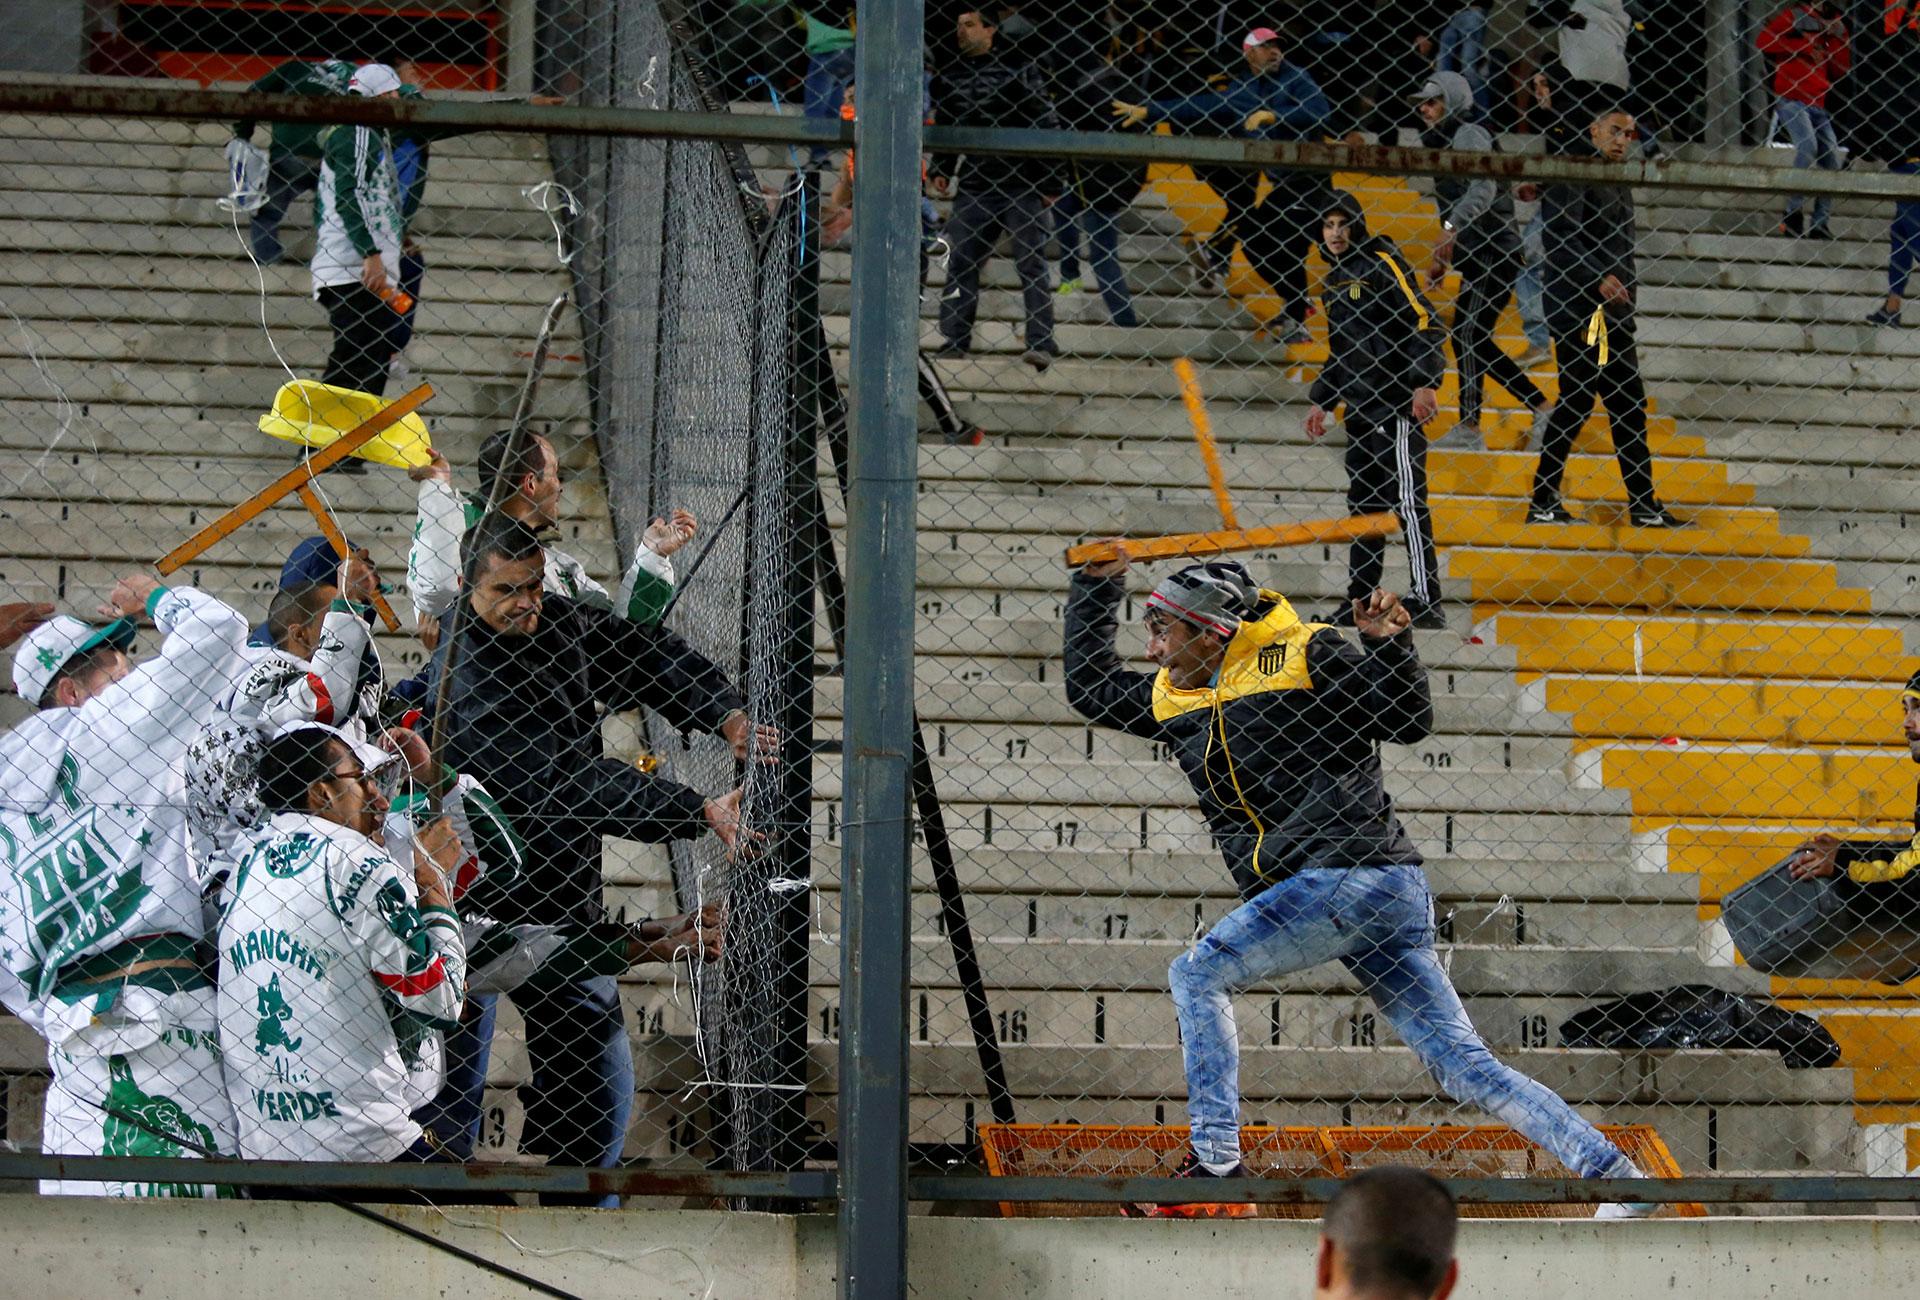 Hinchas de Palmeiras y Peñarol se enfrentaron en las tribunas tras la brutal pelea entre jugadores (Reuters)